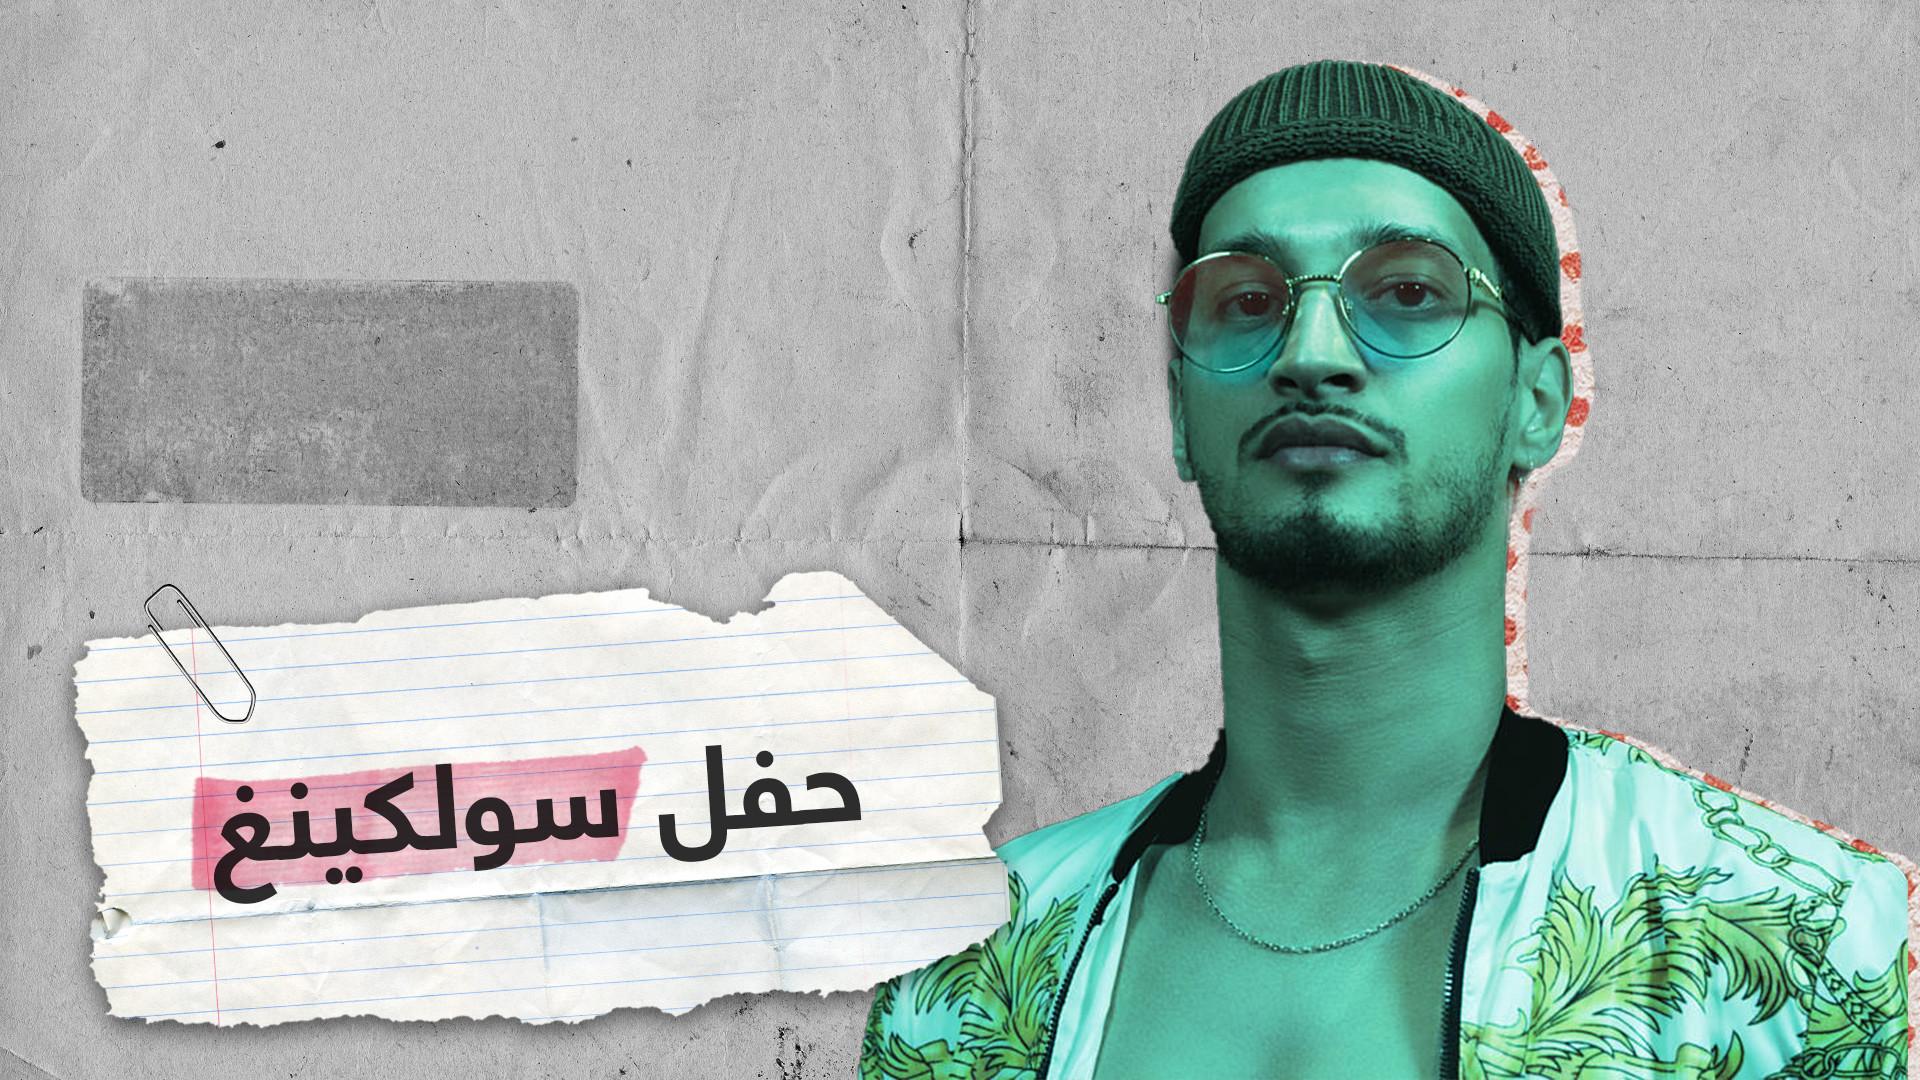 سقط قتلى وجرحى.. ليلة حزينة ومأساة بسبب حفل في الجزائر